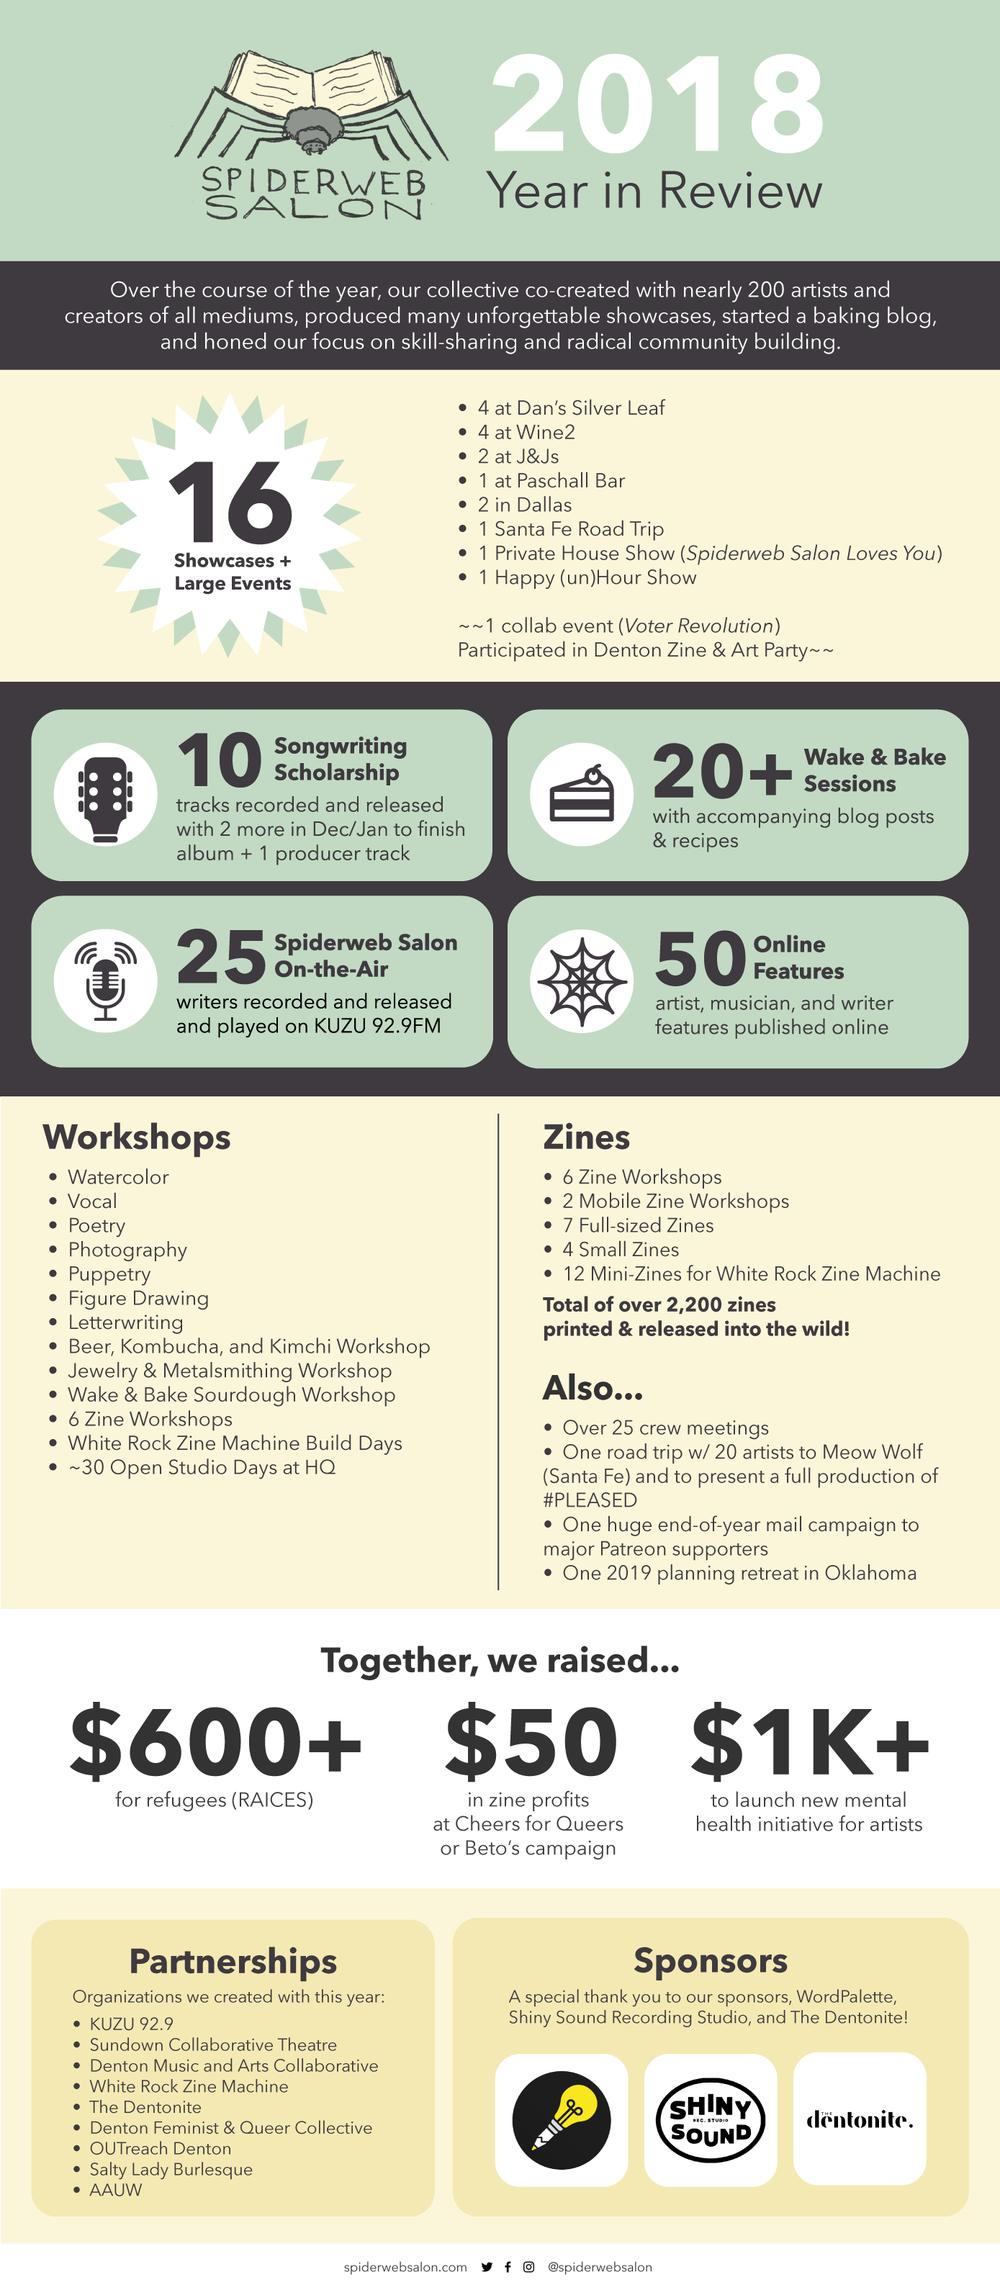 Infographic by Nina Chantanapumma